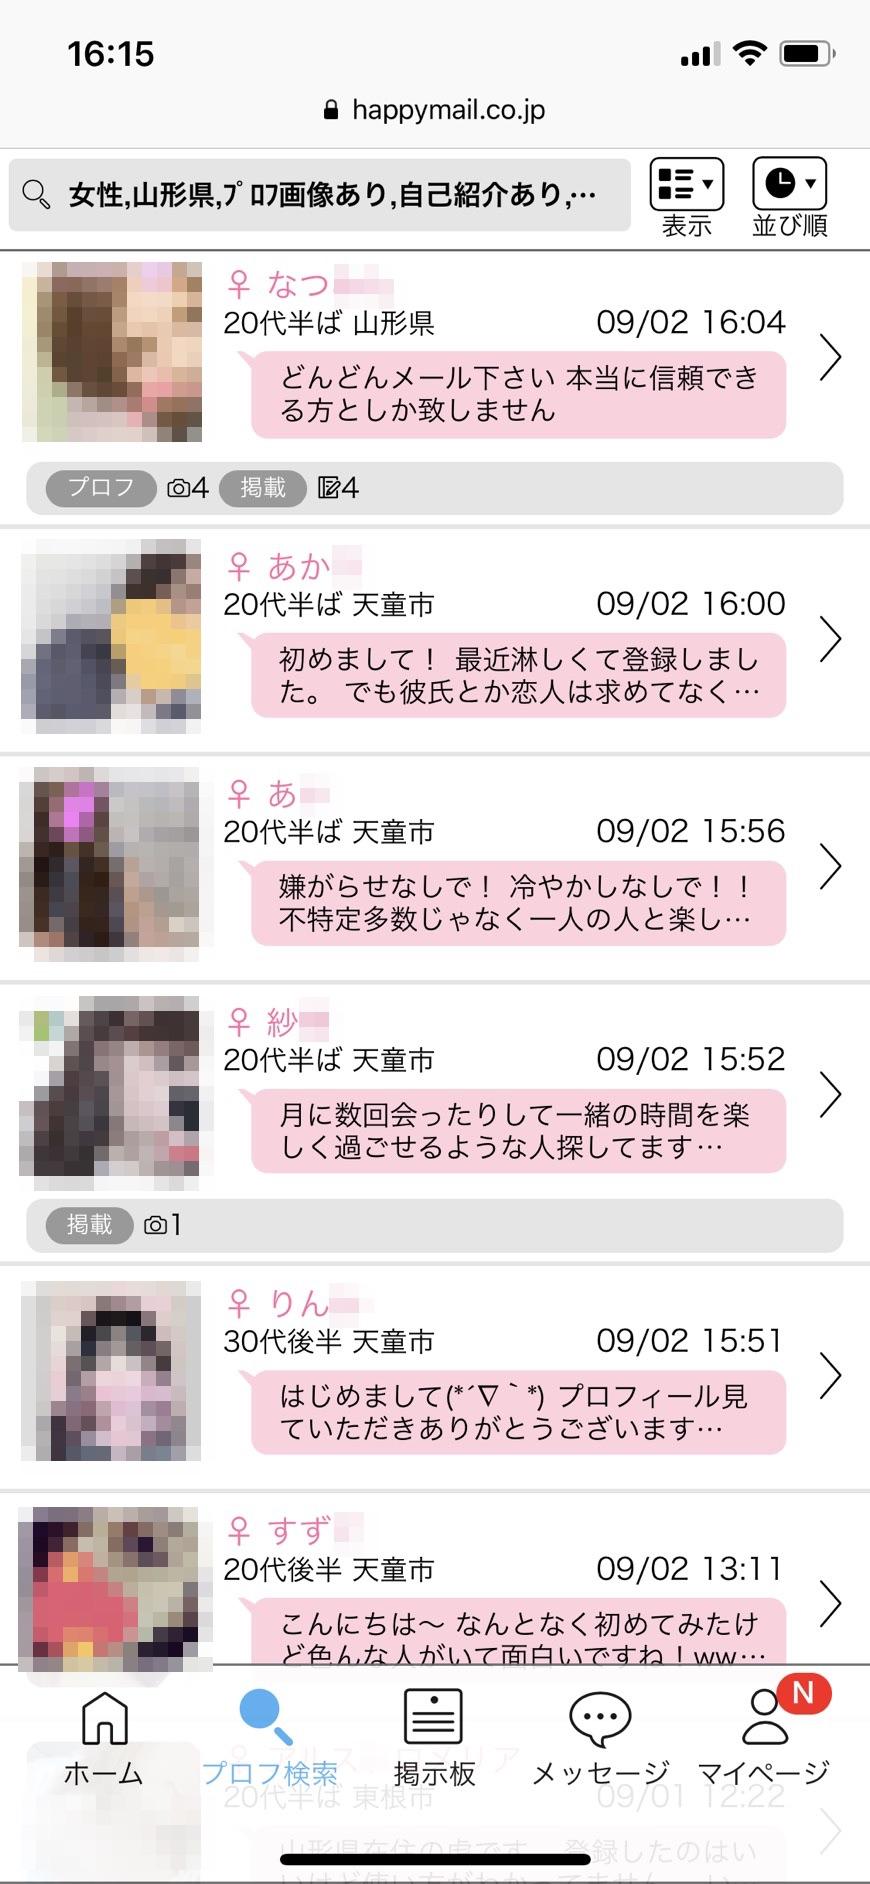 山形・セフレ希望(ハッピーメール)